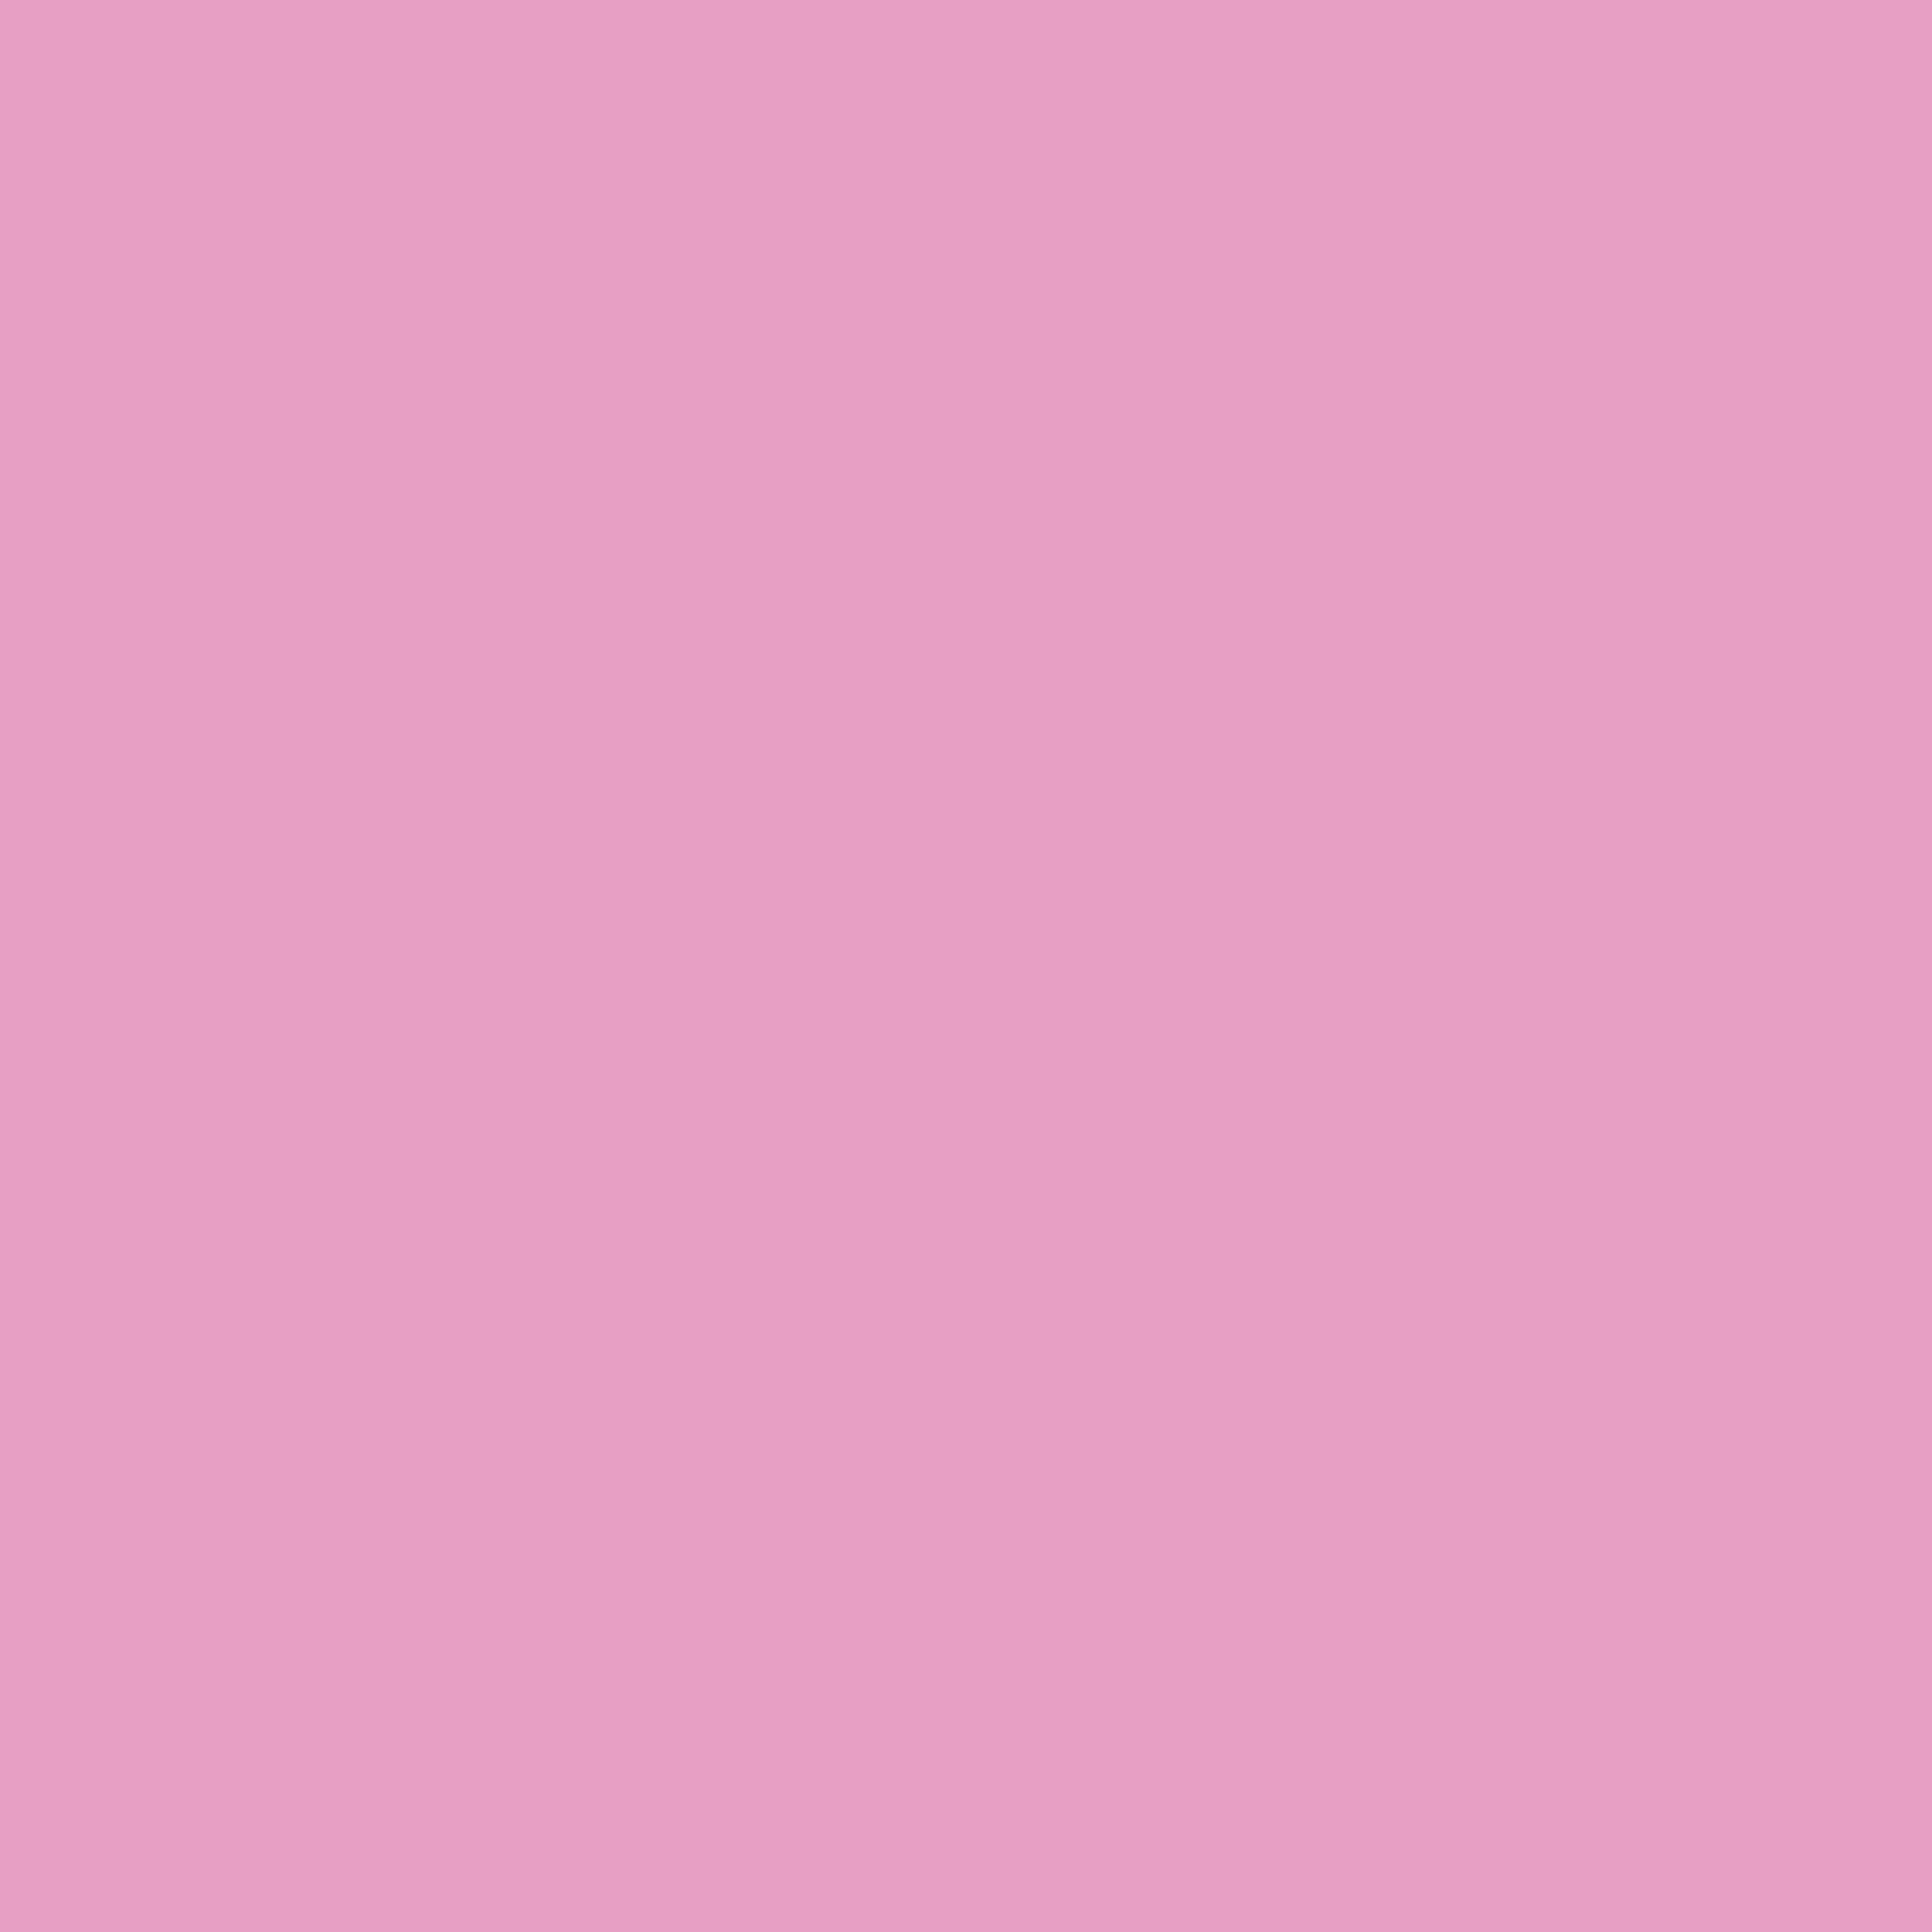 2048x2048 Kobi Solid Color Background